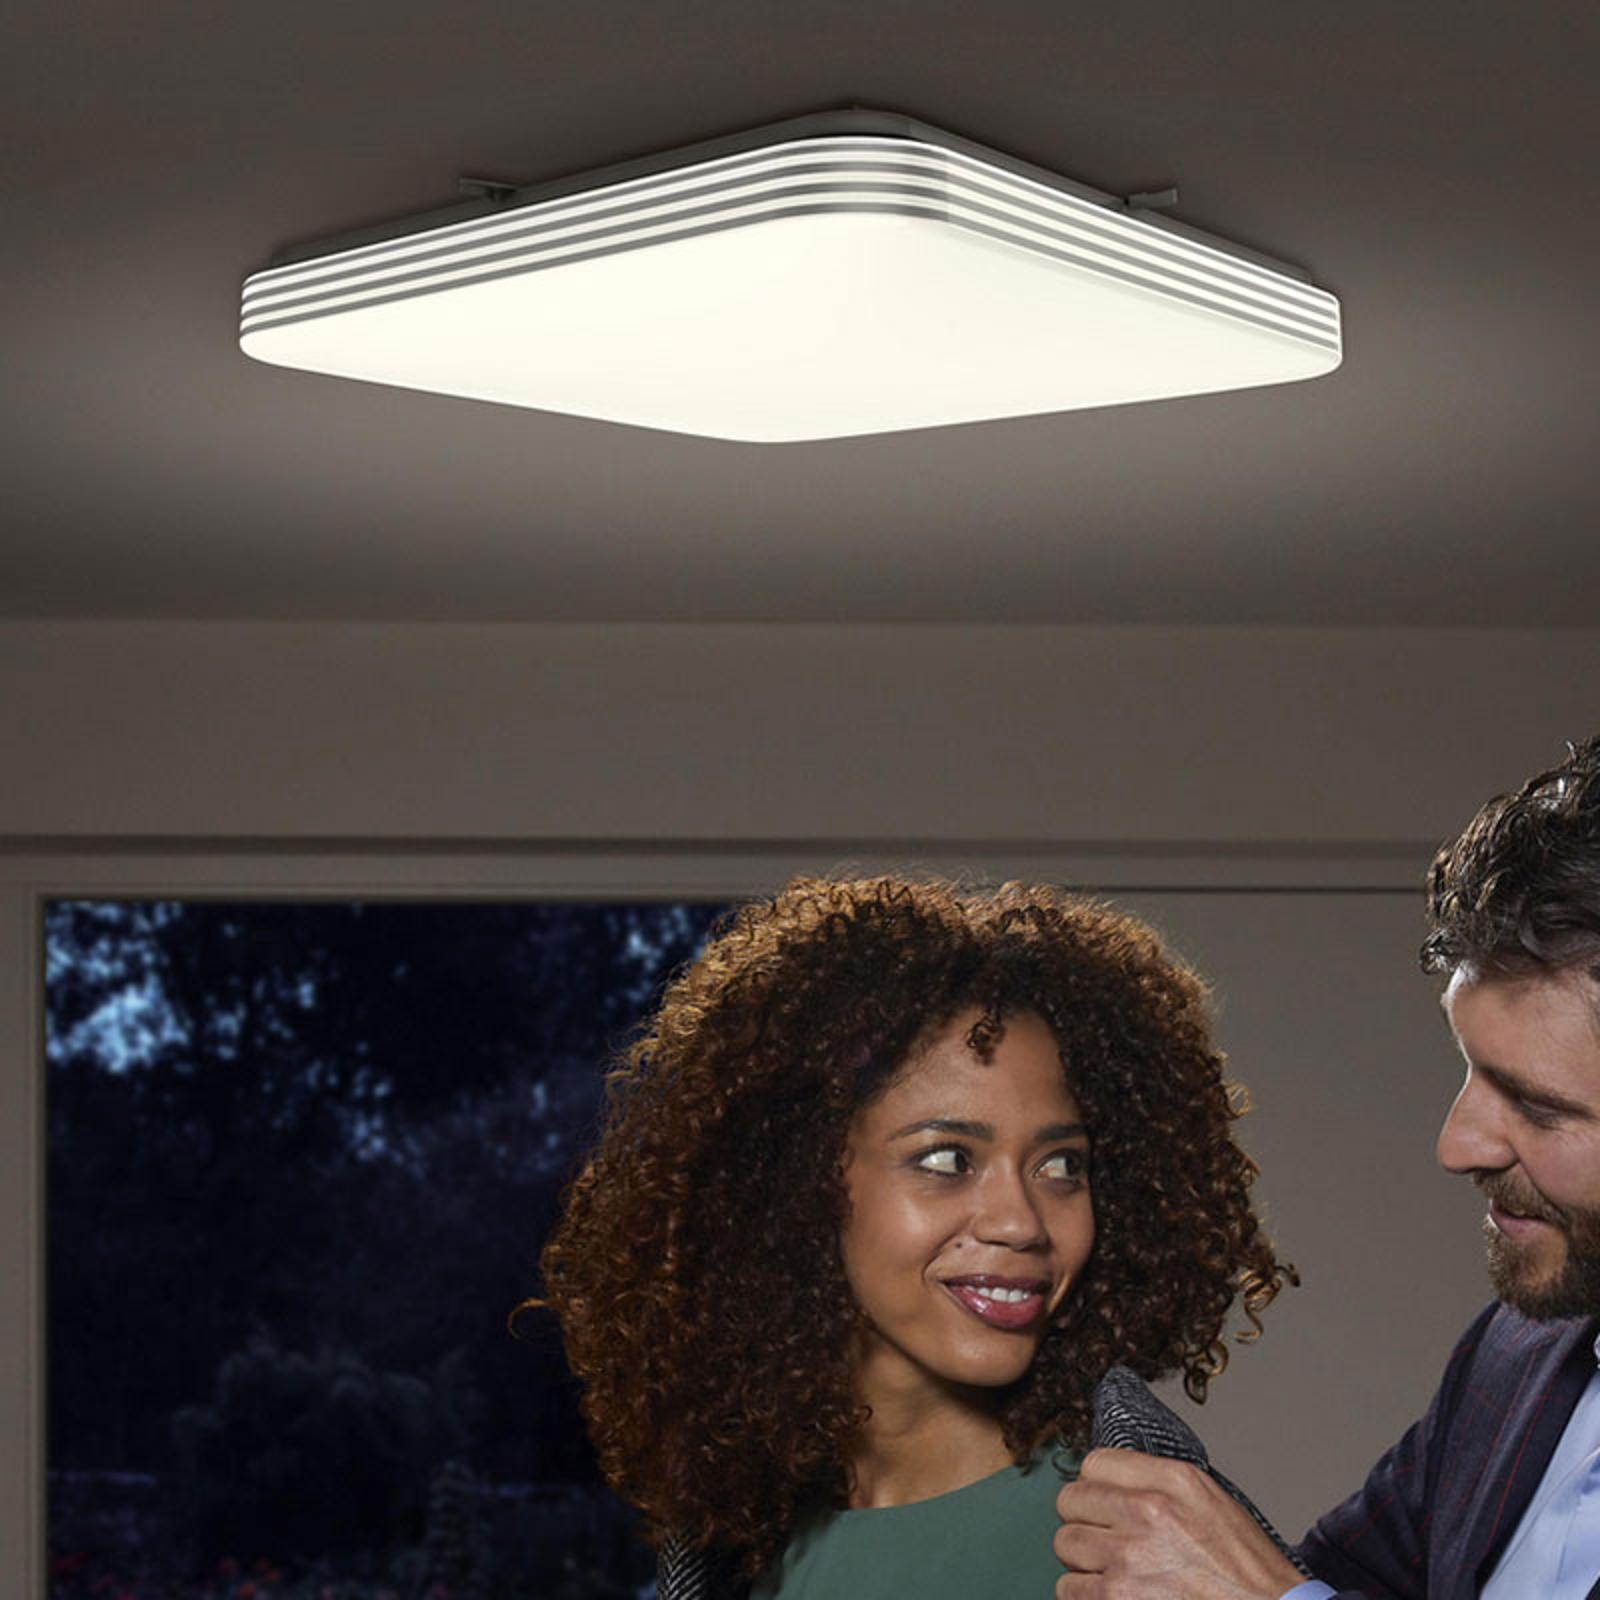 Ledvance Orbis Sensor LED-Deckenlampe eckig 43cm